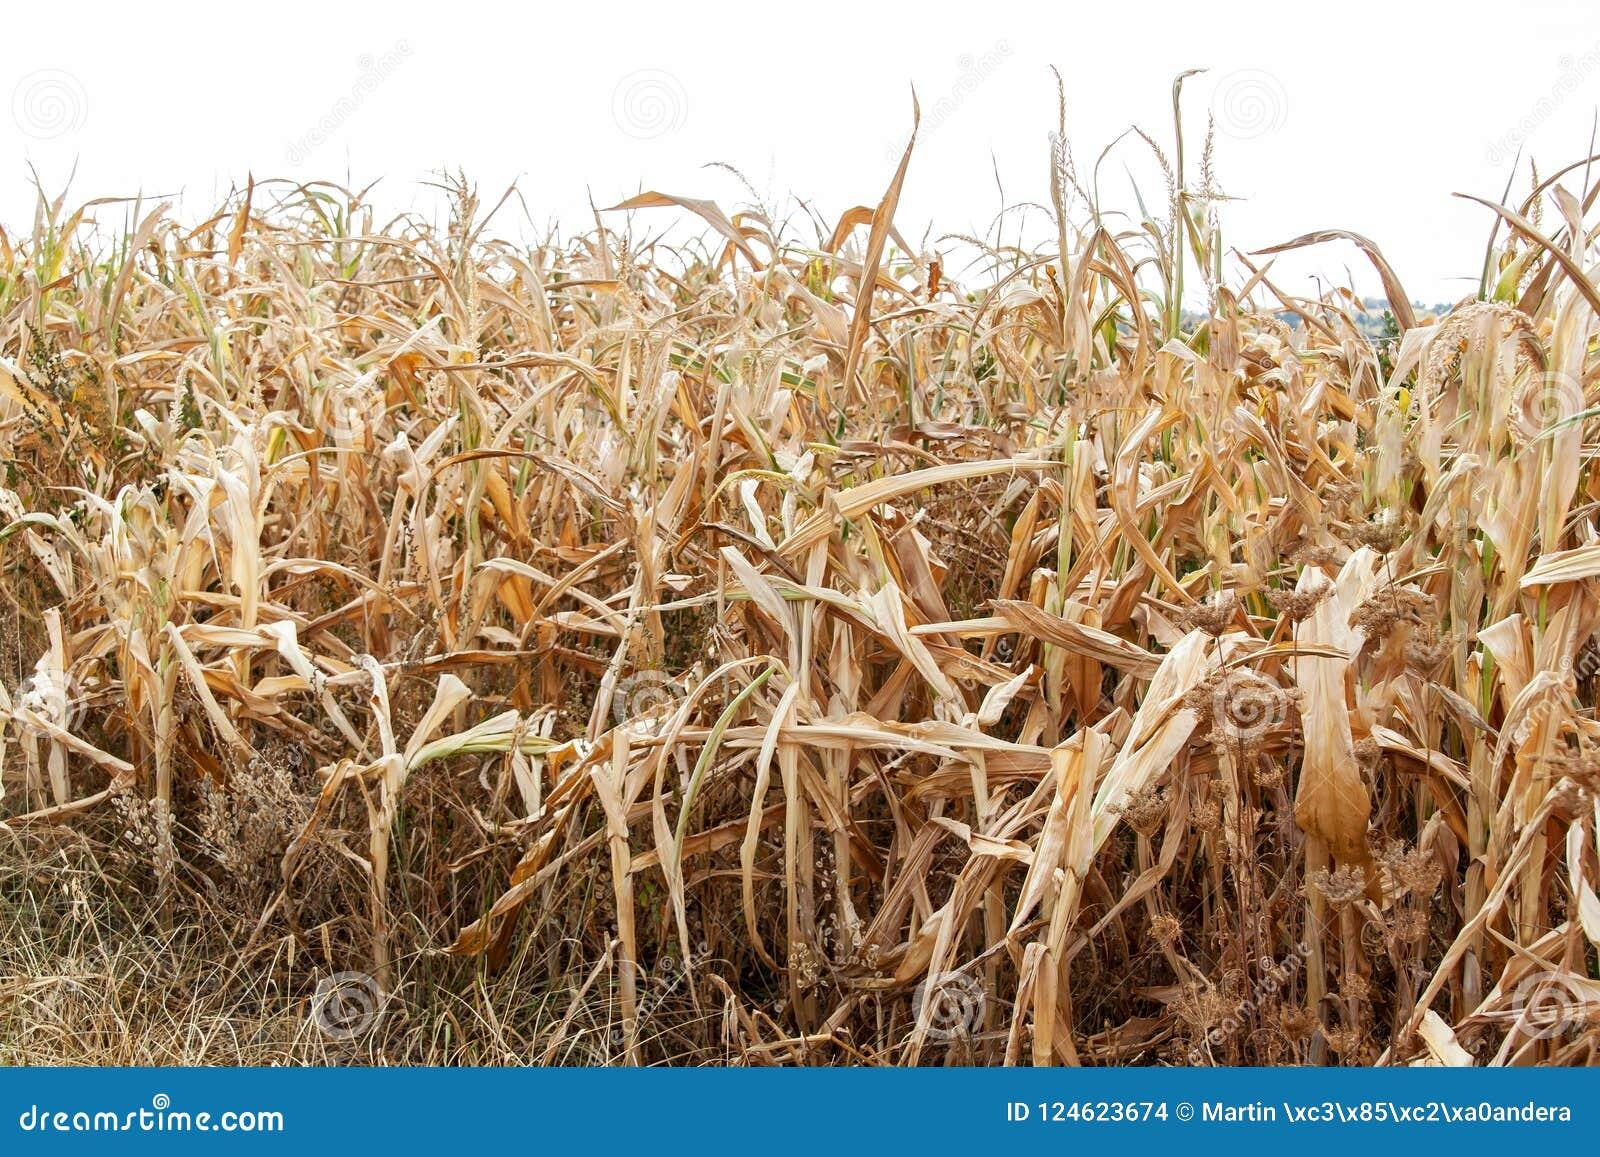 Trockenes Maisfeld Heißer Sommer-Tag Mangel an Regen Trockener Bauernhof Großartiger Sonnenuntergang Schlechte Ernte